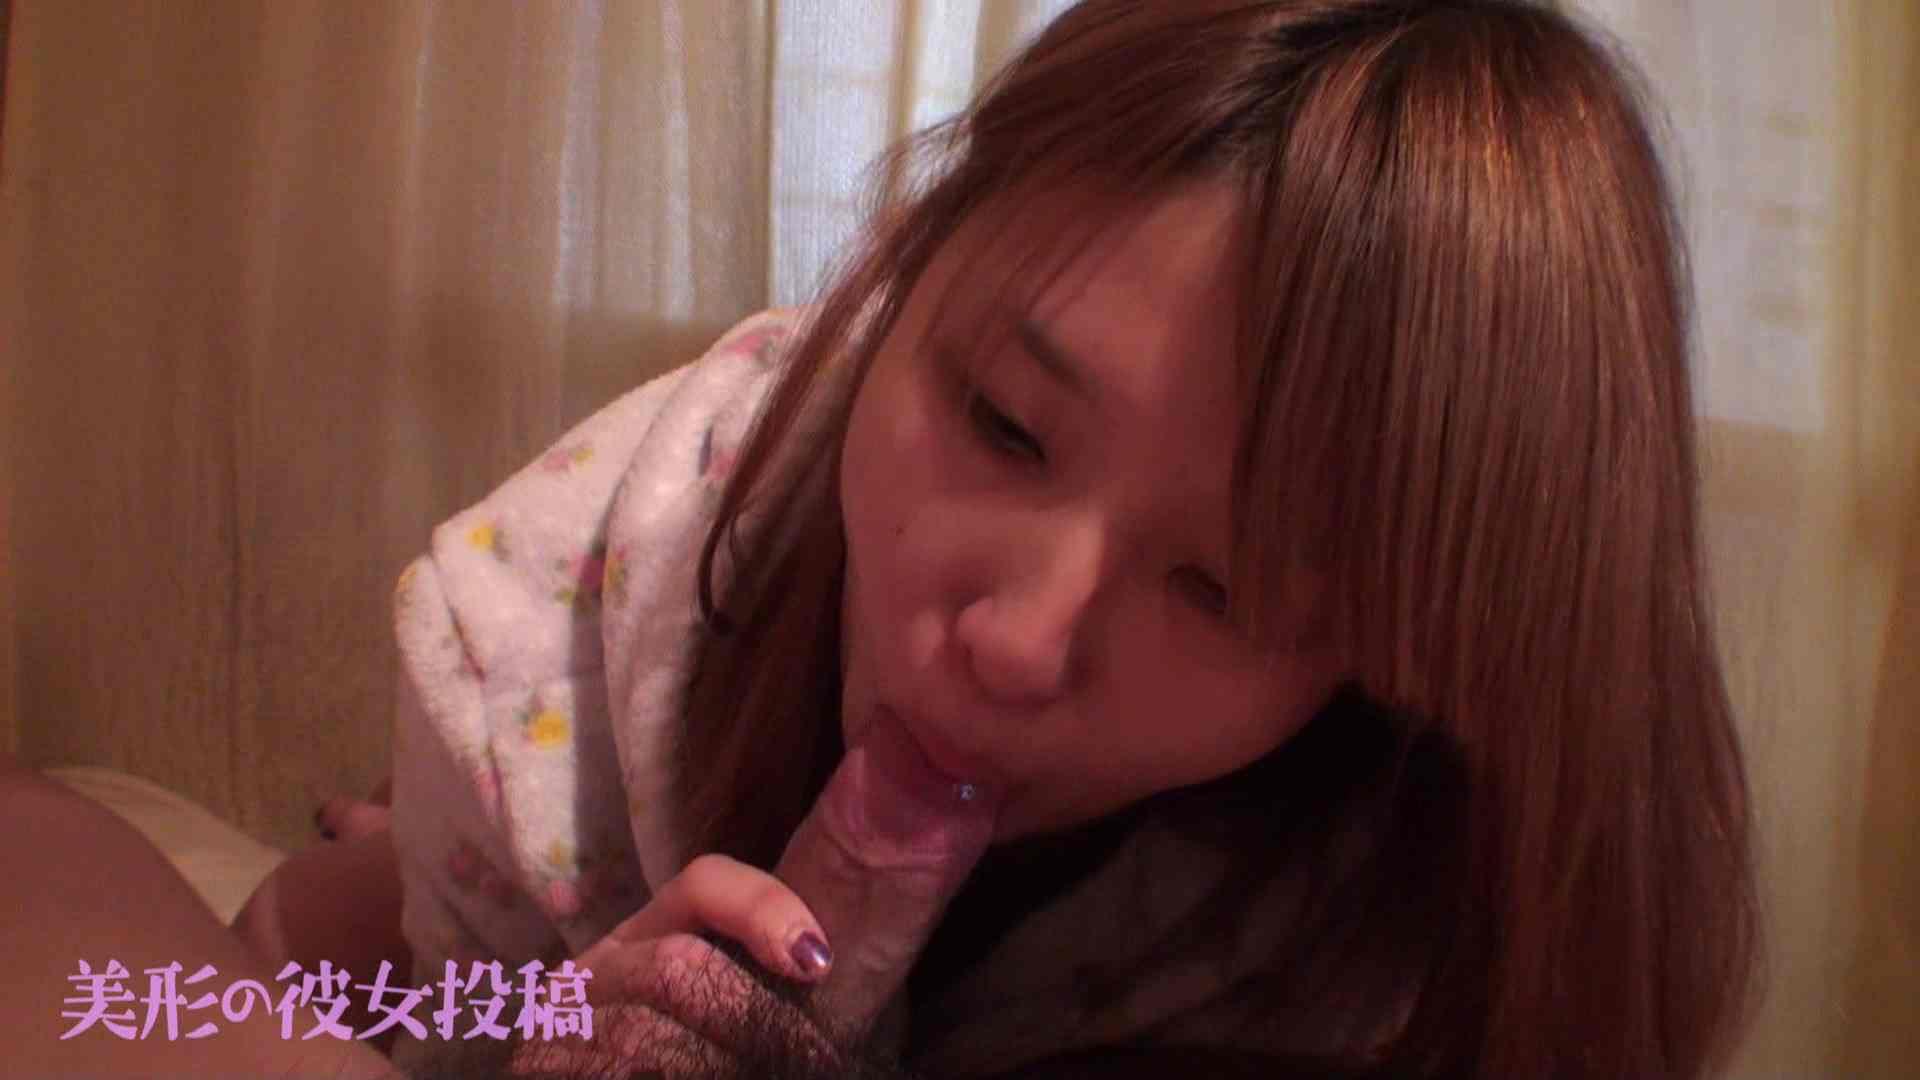 超美形の彼女を投稿!!04 シャワー  73連発 24